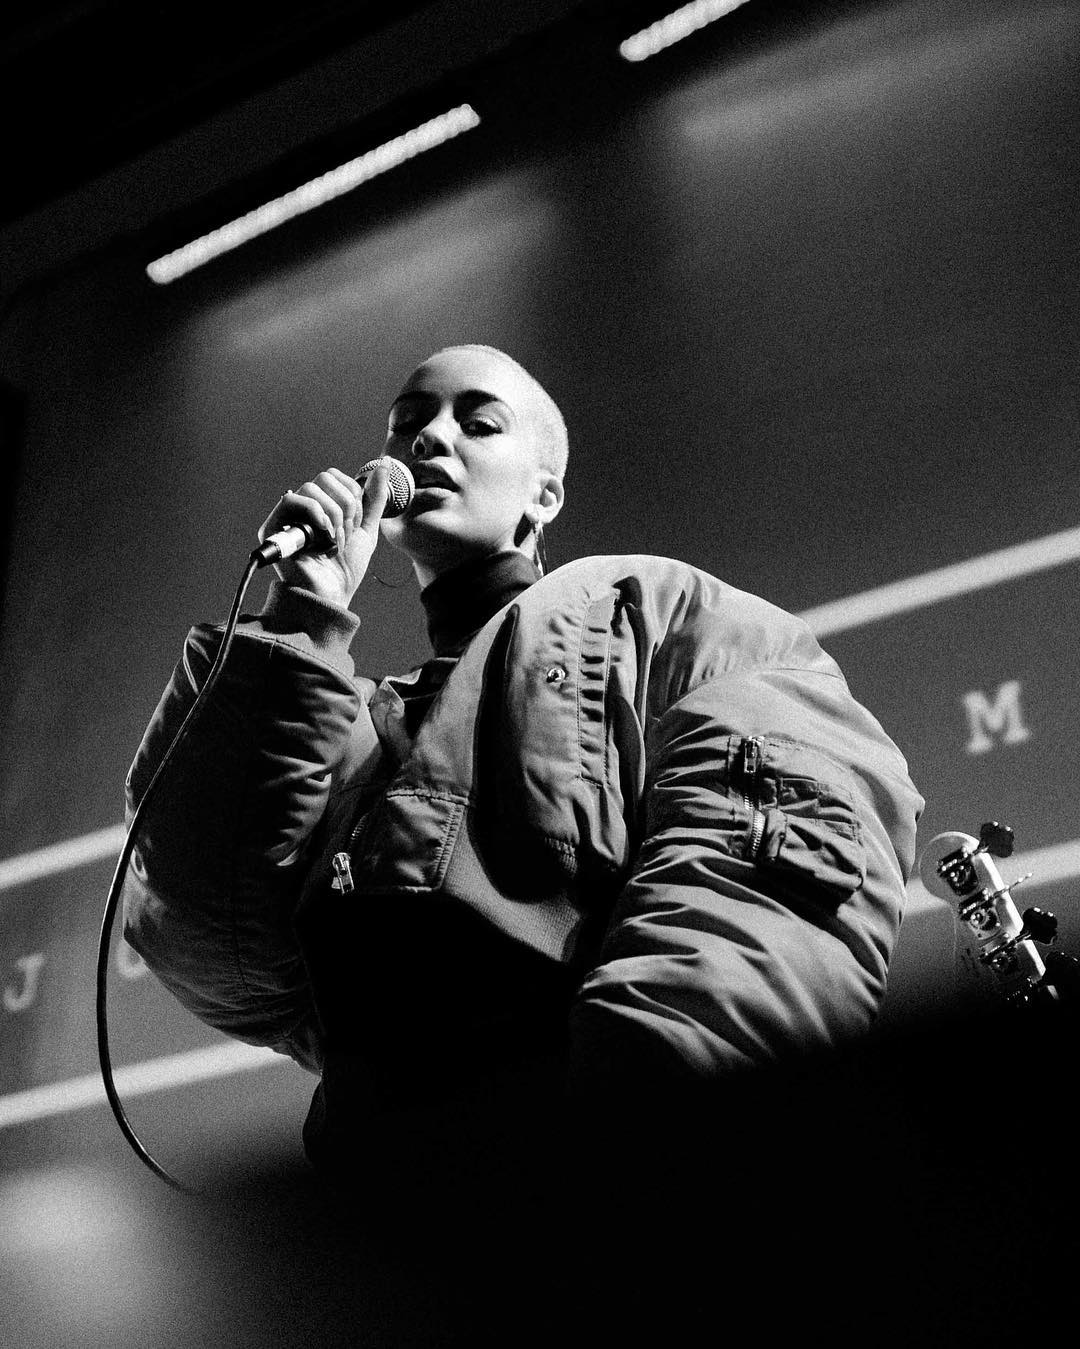 Рэпер Дрейк закрутил роман с19-летней эстрадной певицей из Британии